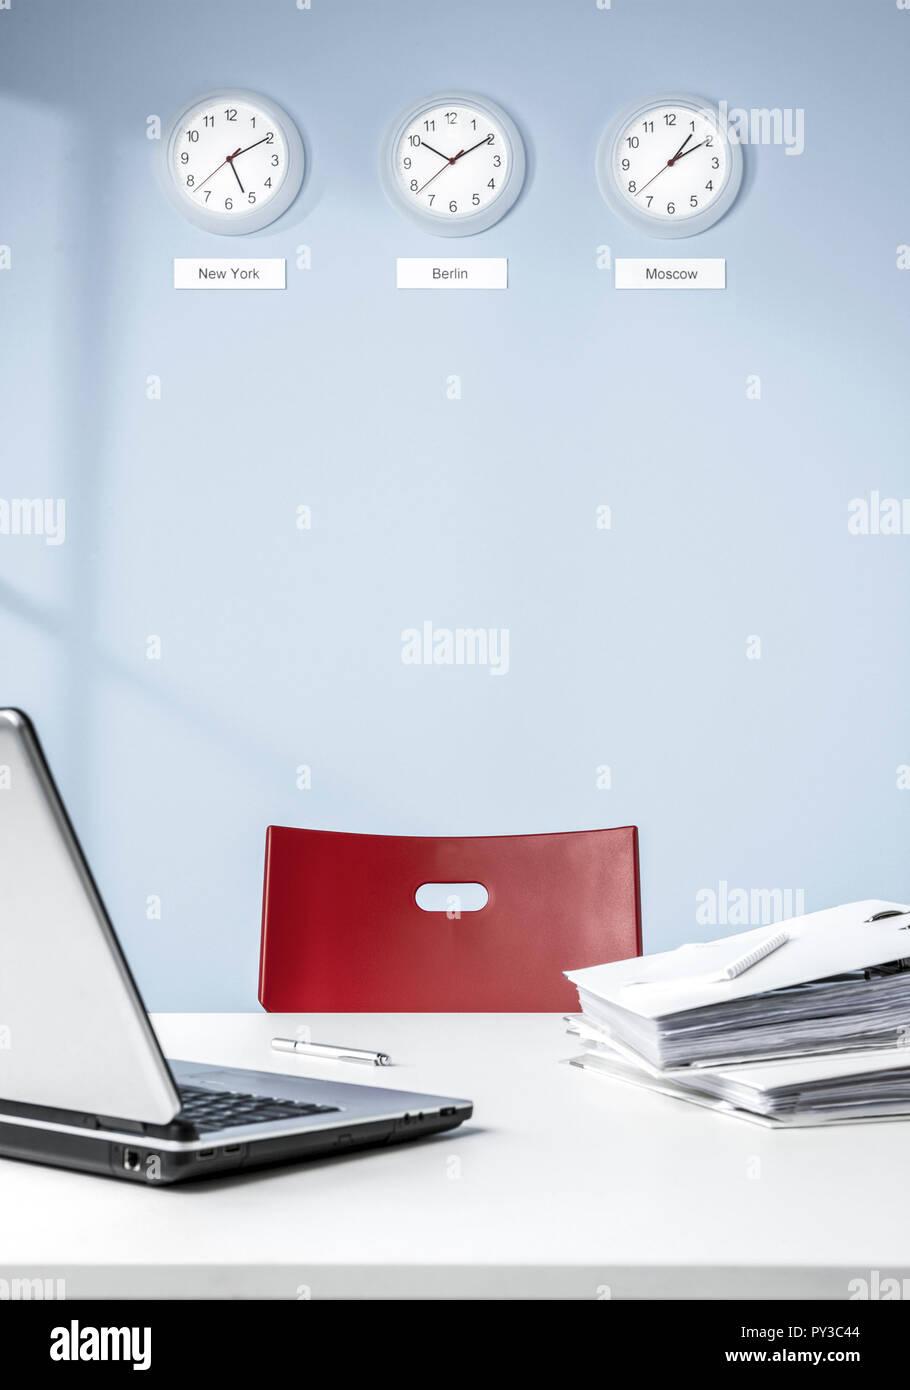 Wand mit vor Schreibtisch rotem mit Stuhl blauer LUzqSpVjMG